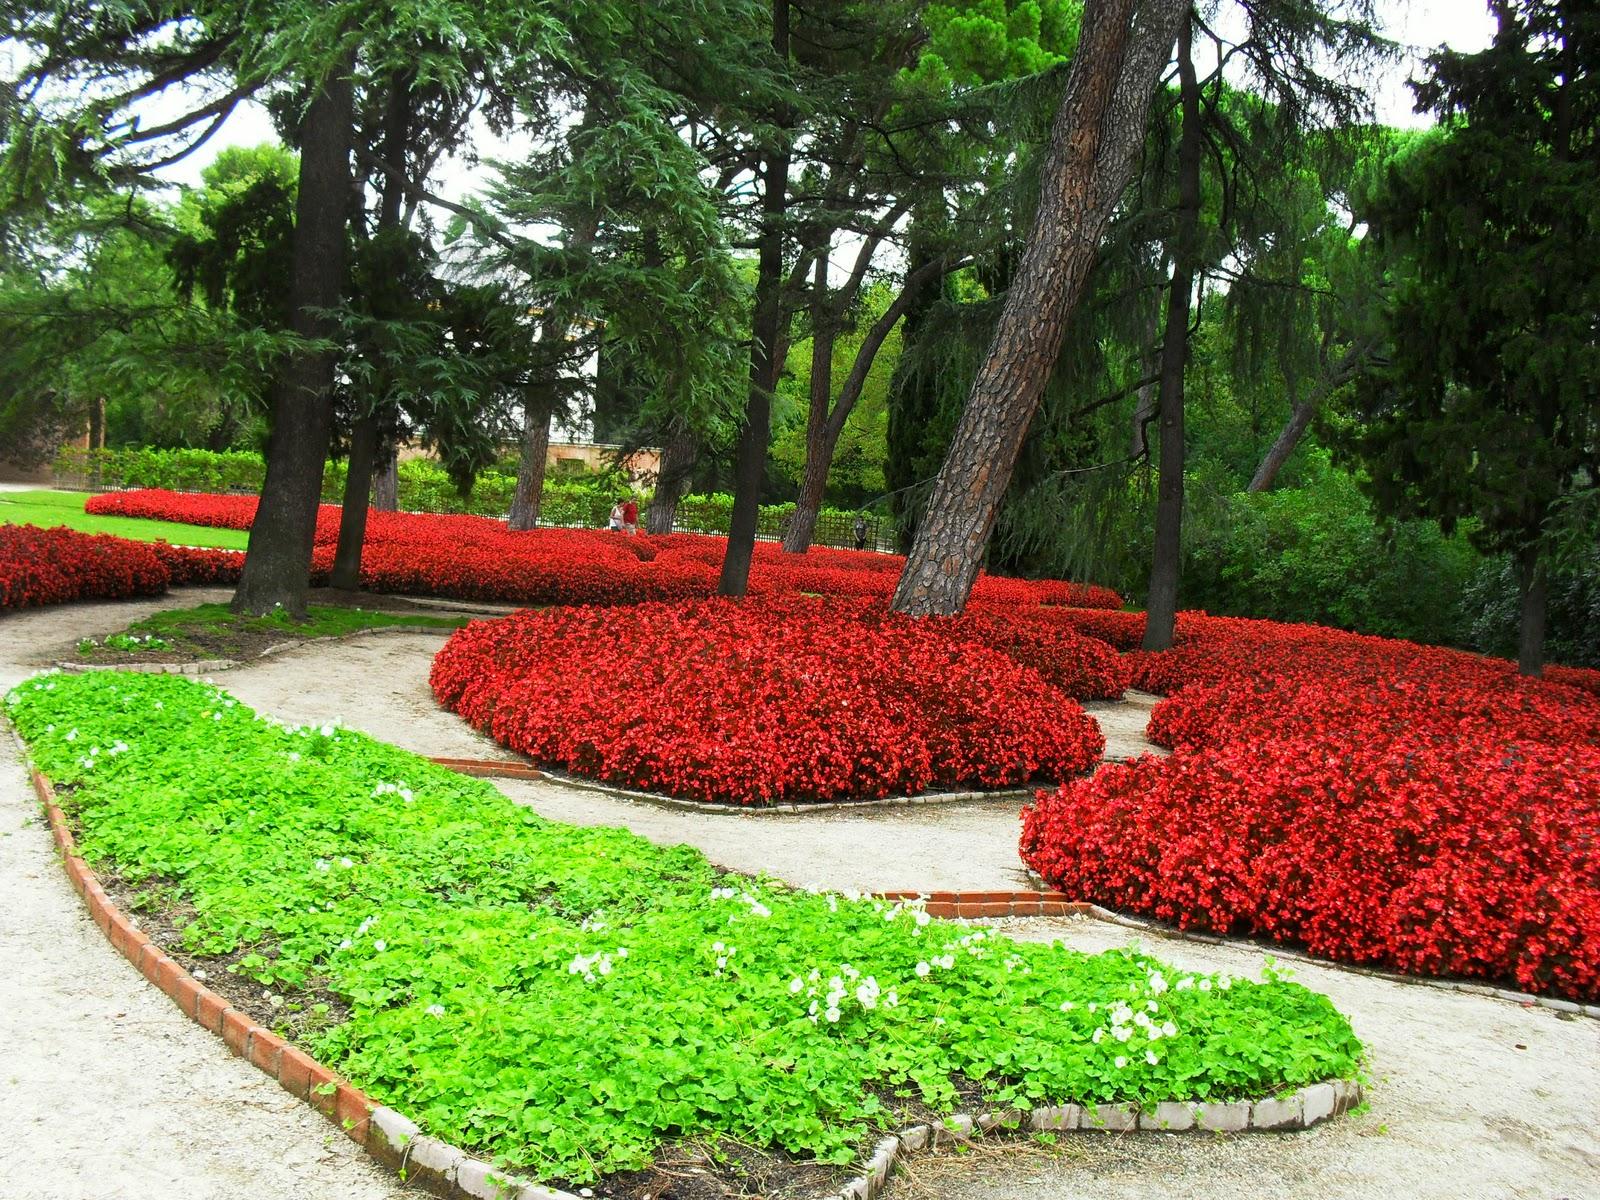 Diseno De Jardines Of Arte Y Jardiner A Decisiones A Tomar En Dise O De Jardines